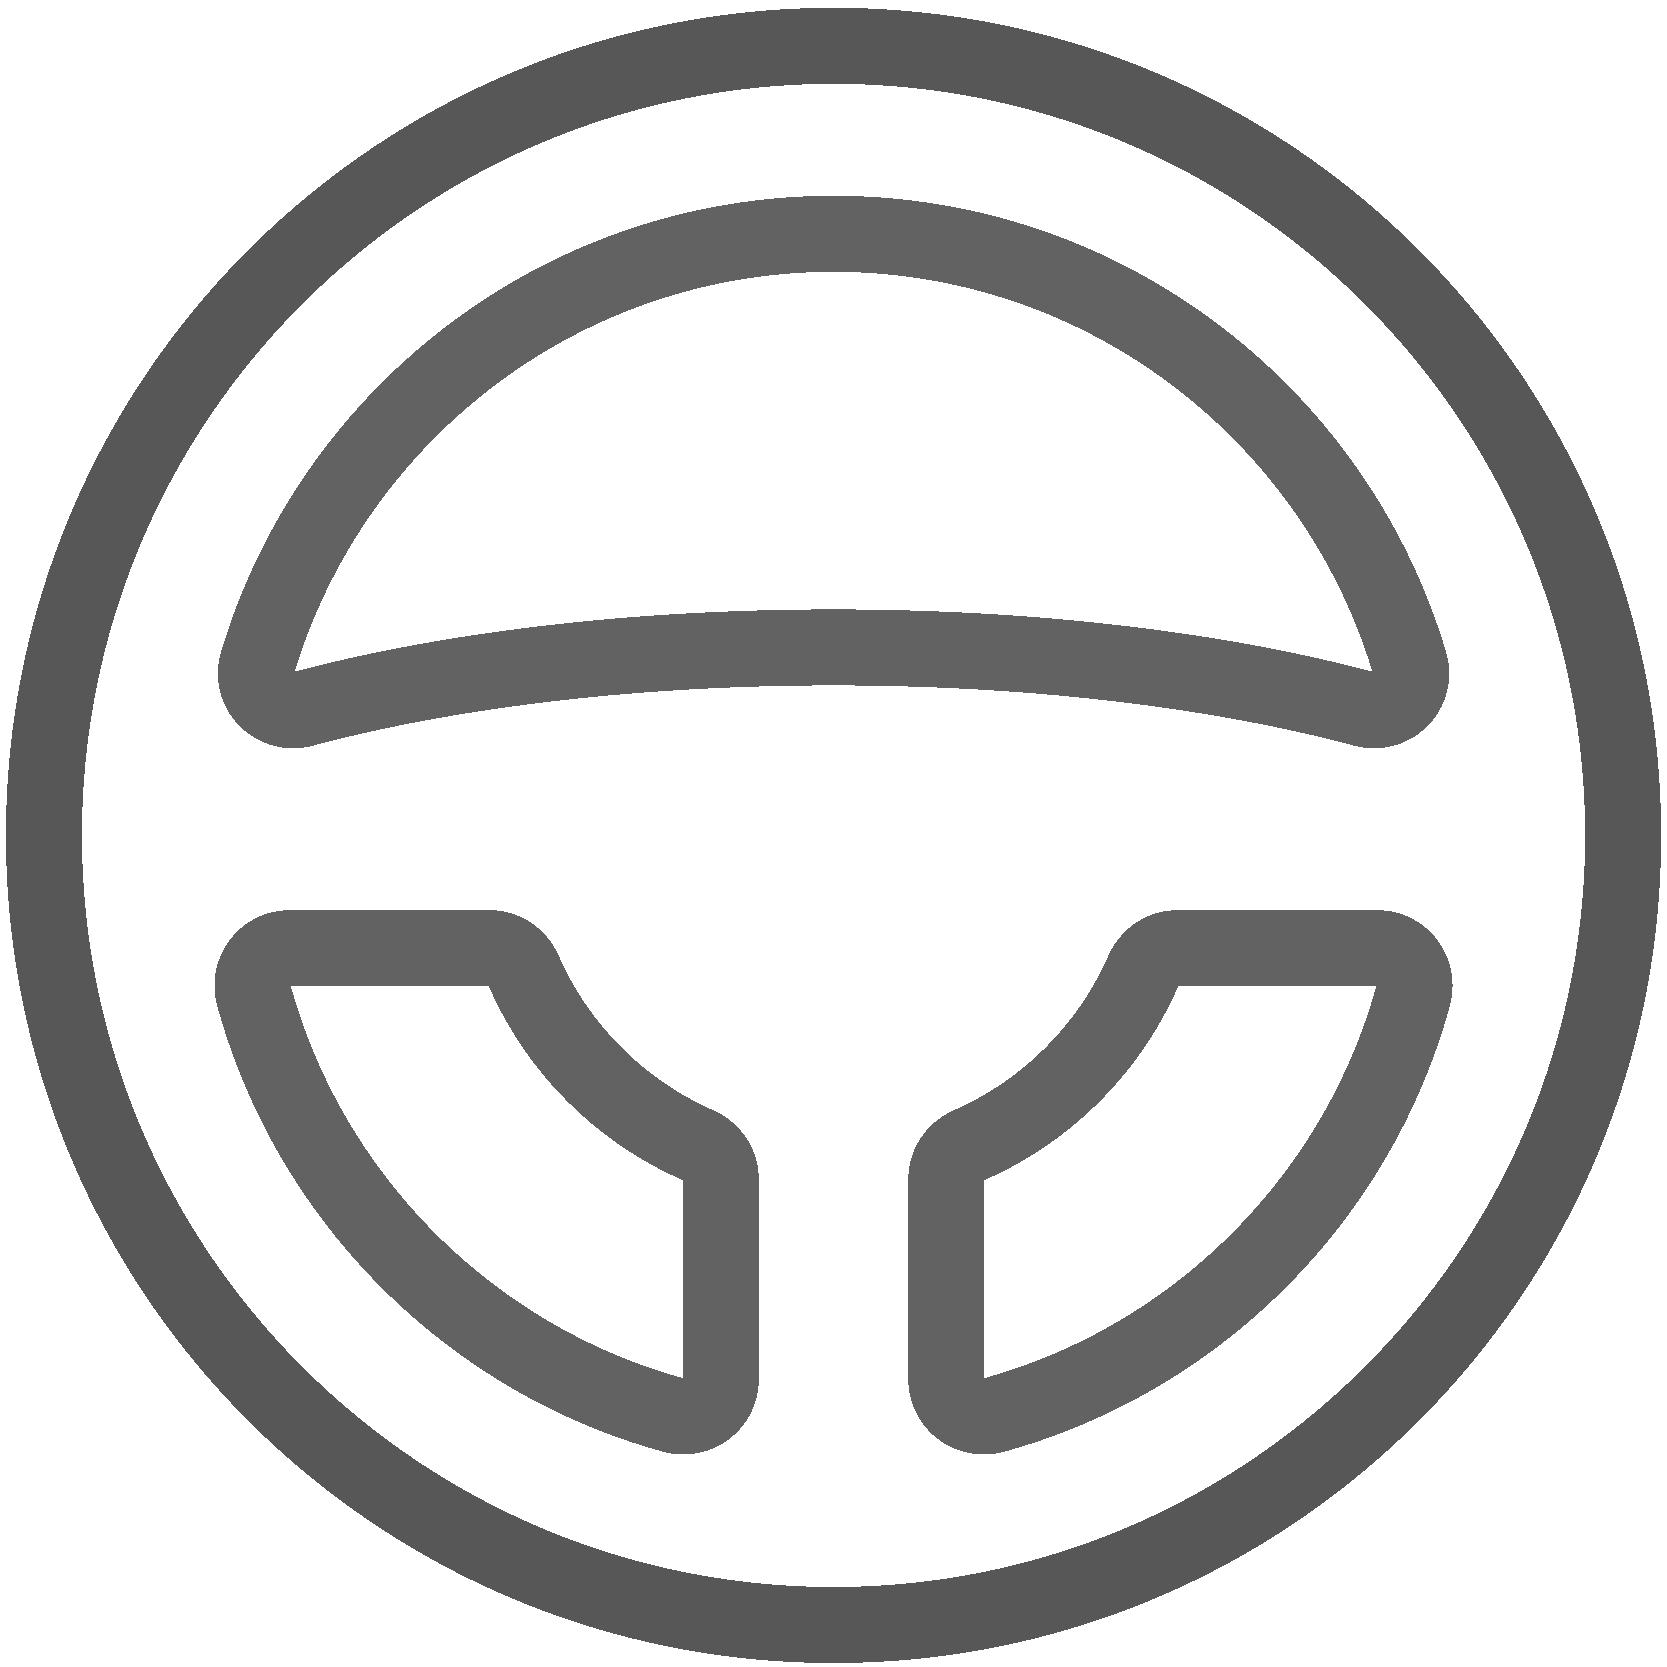 Illustriertes Lenkrad, Icon für Innenraumreinigung, Leistungen von AutOptik.